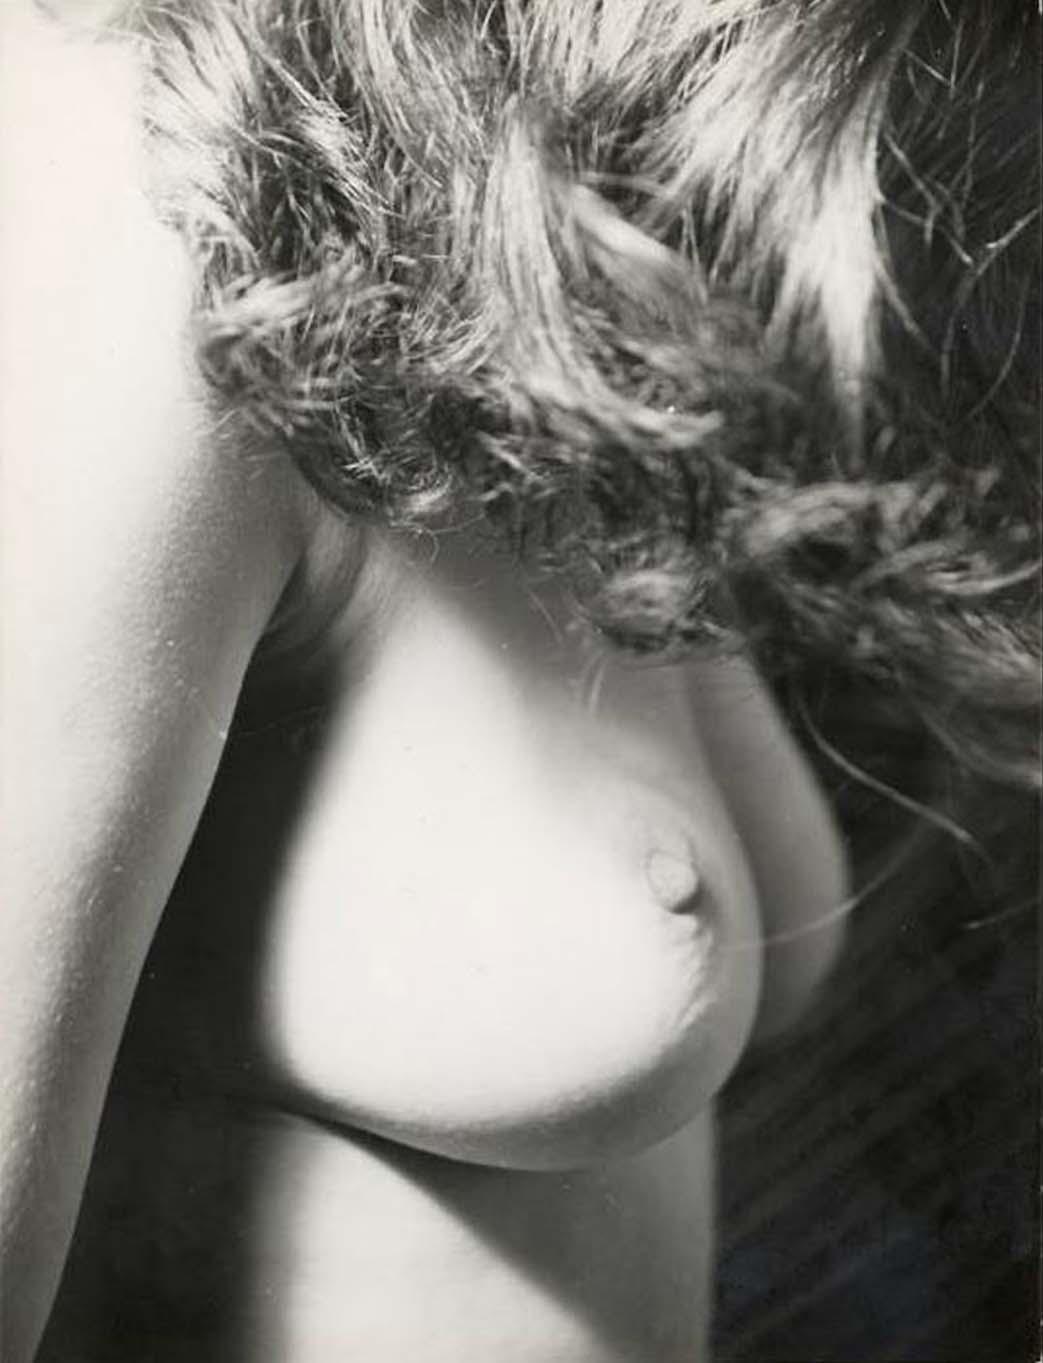 Elenbaas  de Hartog  Esther -naakt ( nu)  1953-55